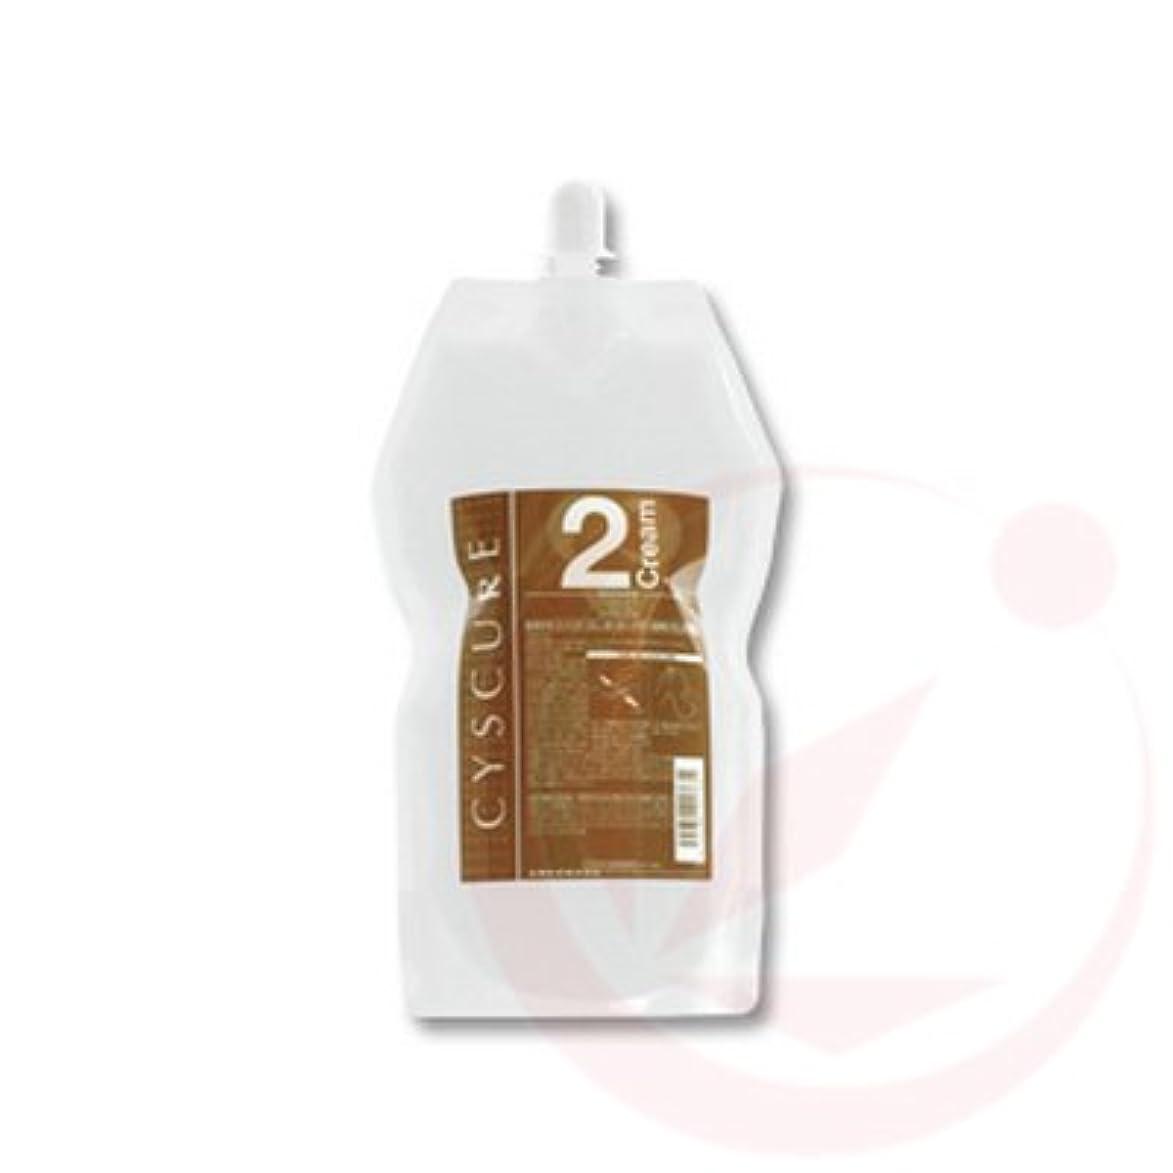 ブラウザブラケット大西洋タマリス シスキュア2クリーム 1000g (パーマ剤/2剤)